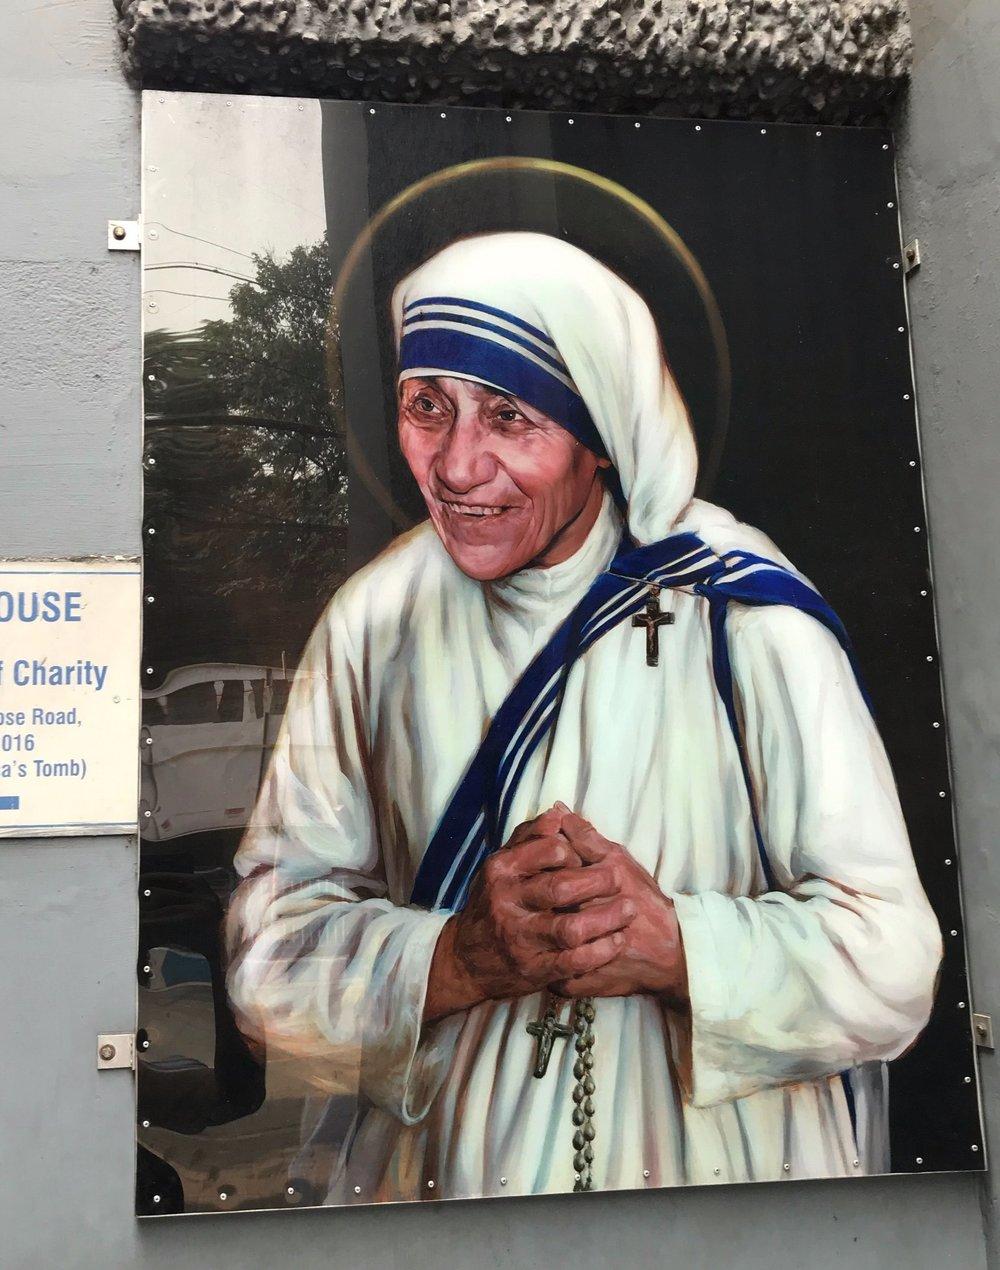 Maison-mère des Missionnaires de la Charité, abrite la tombe de Mère Térésa